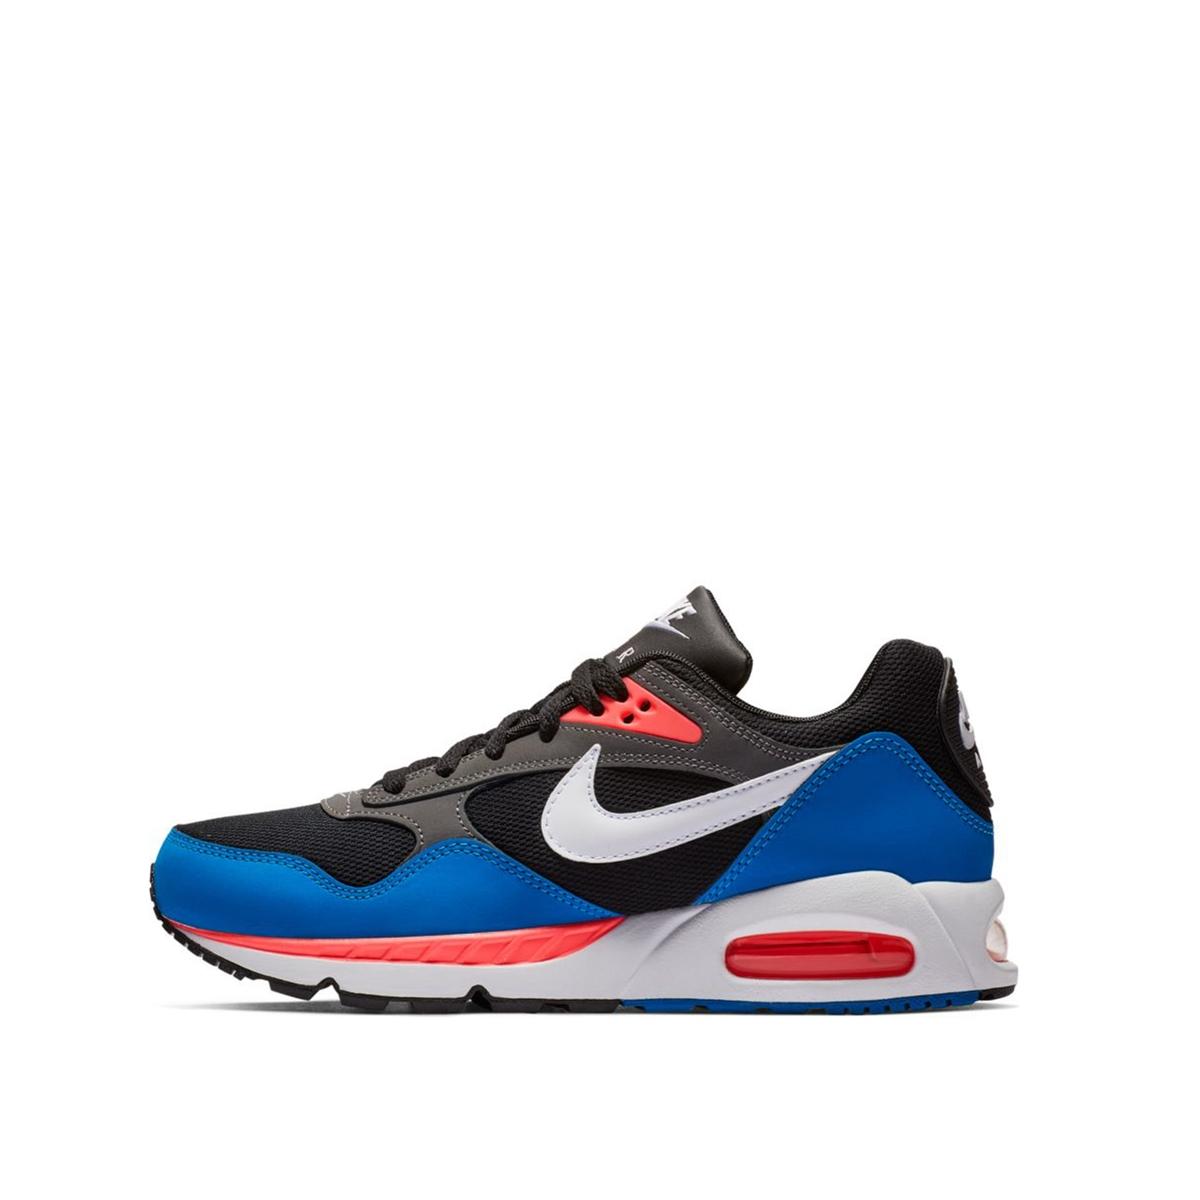 Imagen adicional 2 de producto de Zapatillas Air Max Correlate - Nike